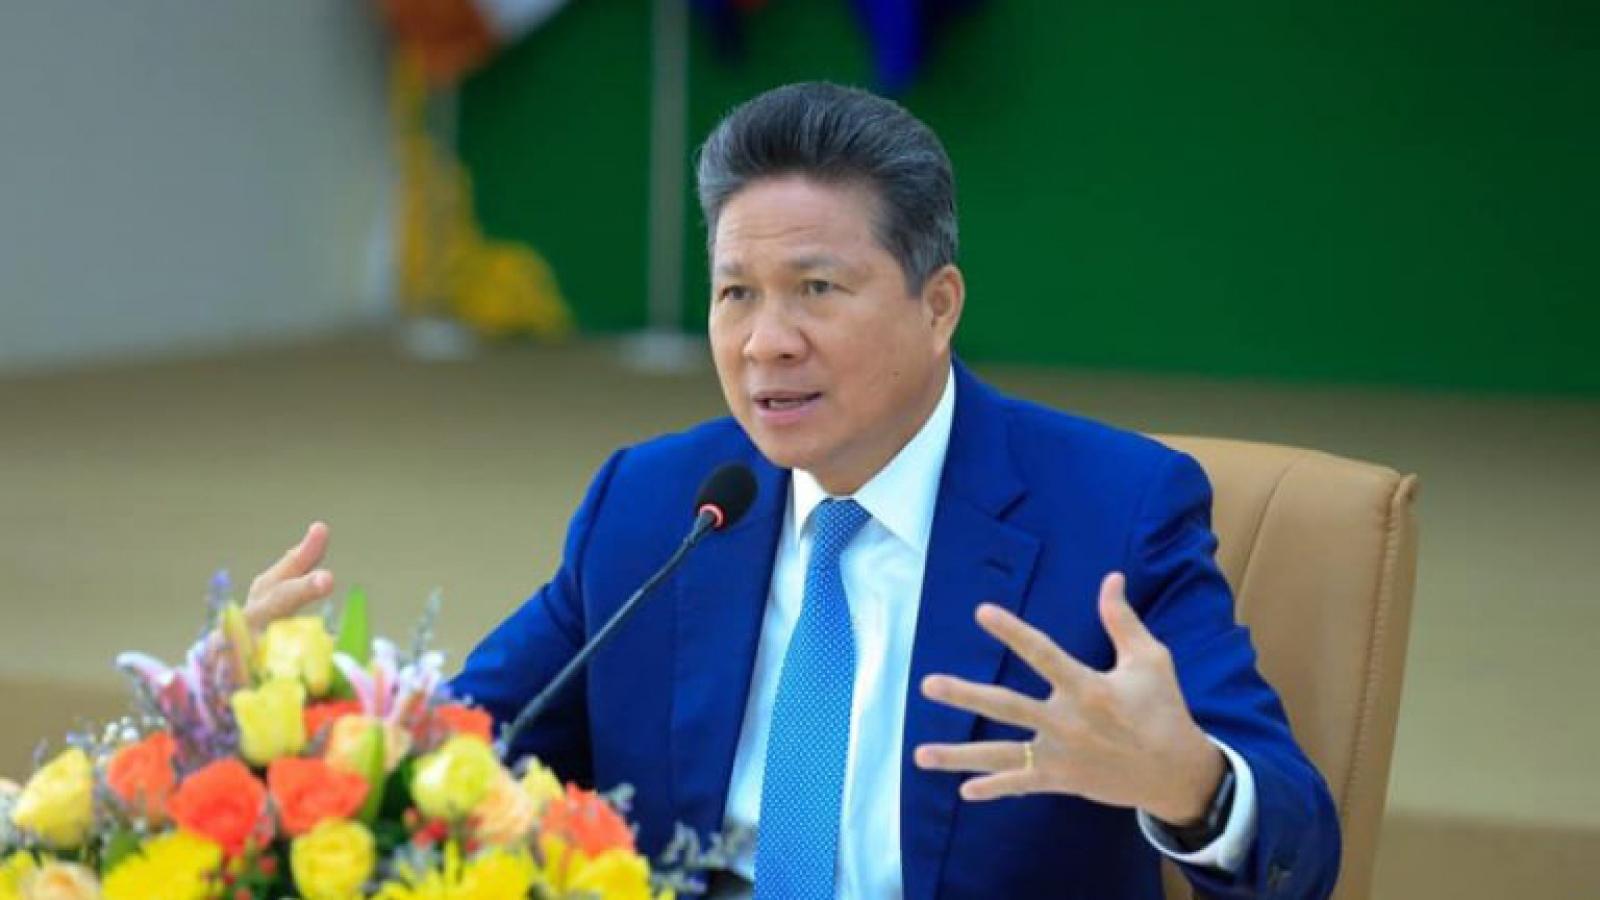 """Campuchia hủy thầu, """"trảm tướng"""" vì làm đường chất lượng kém"""